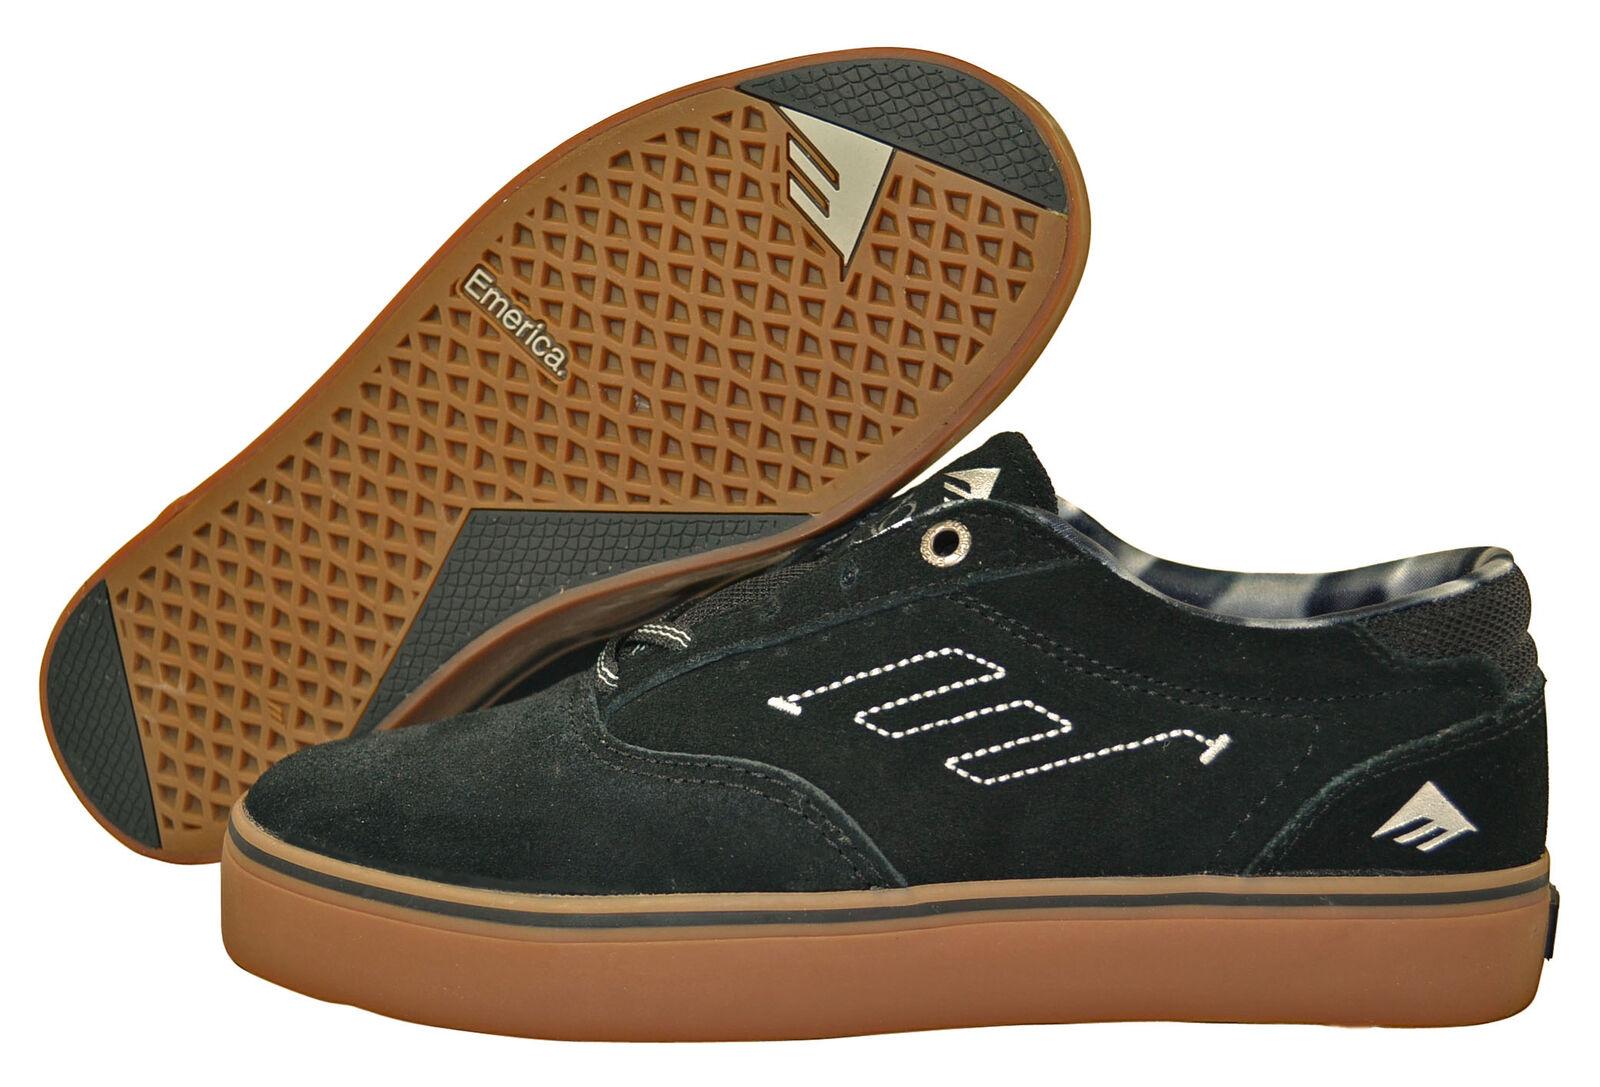 Emerica the Provost skater zapatos/cortos Black/Gum tamaños de selección